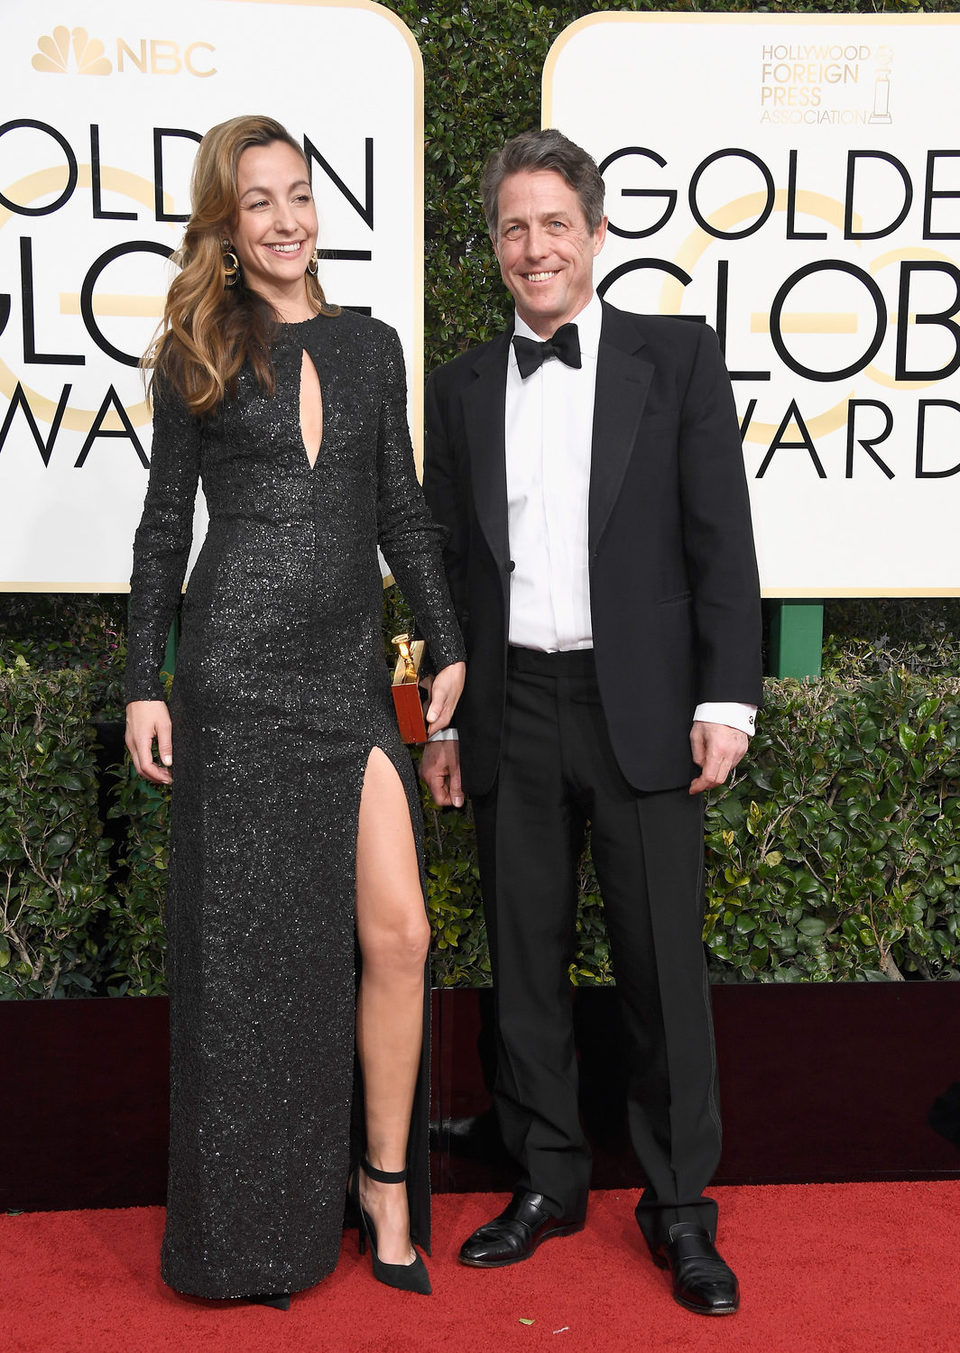 Hugh Grant y Anna Elisabet posan en la alfombra roja de los Globos de Oro 2017